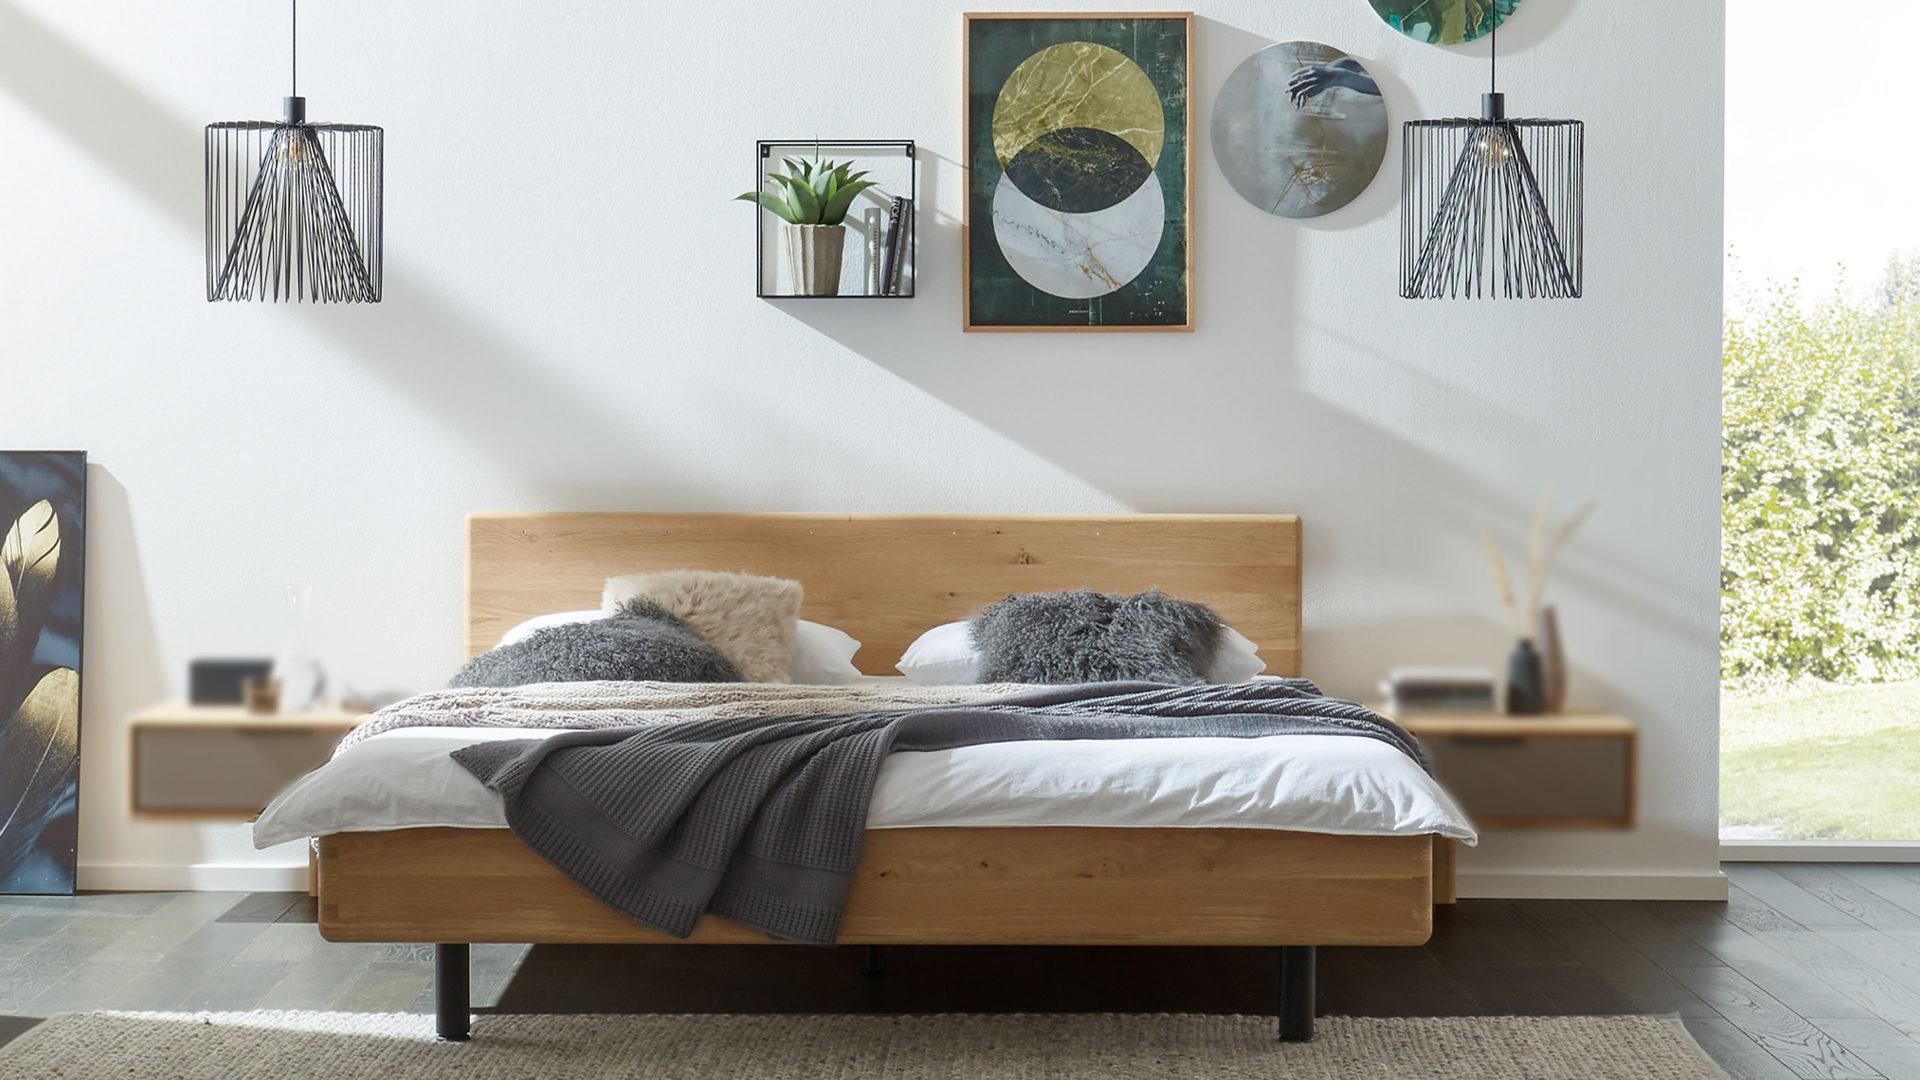 Interliving Schlafzimmer Serie 1015 Bettgestell 1200 Wildeiche Hoxter Paderborn Detmold